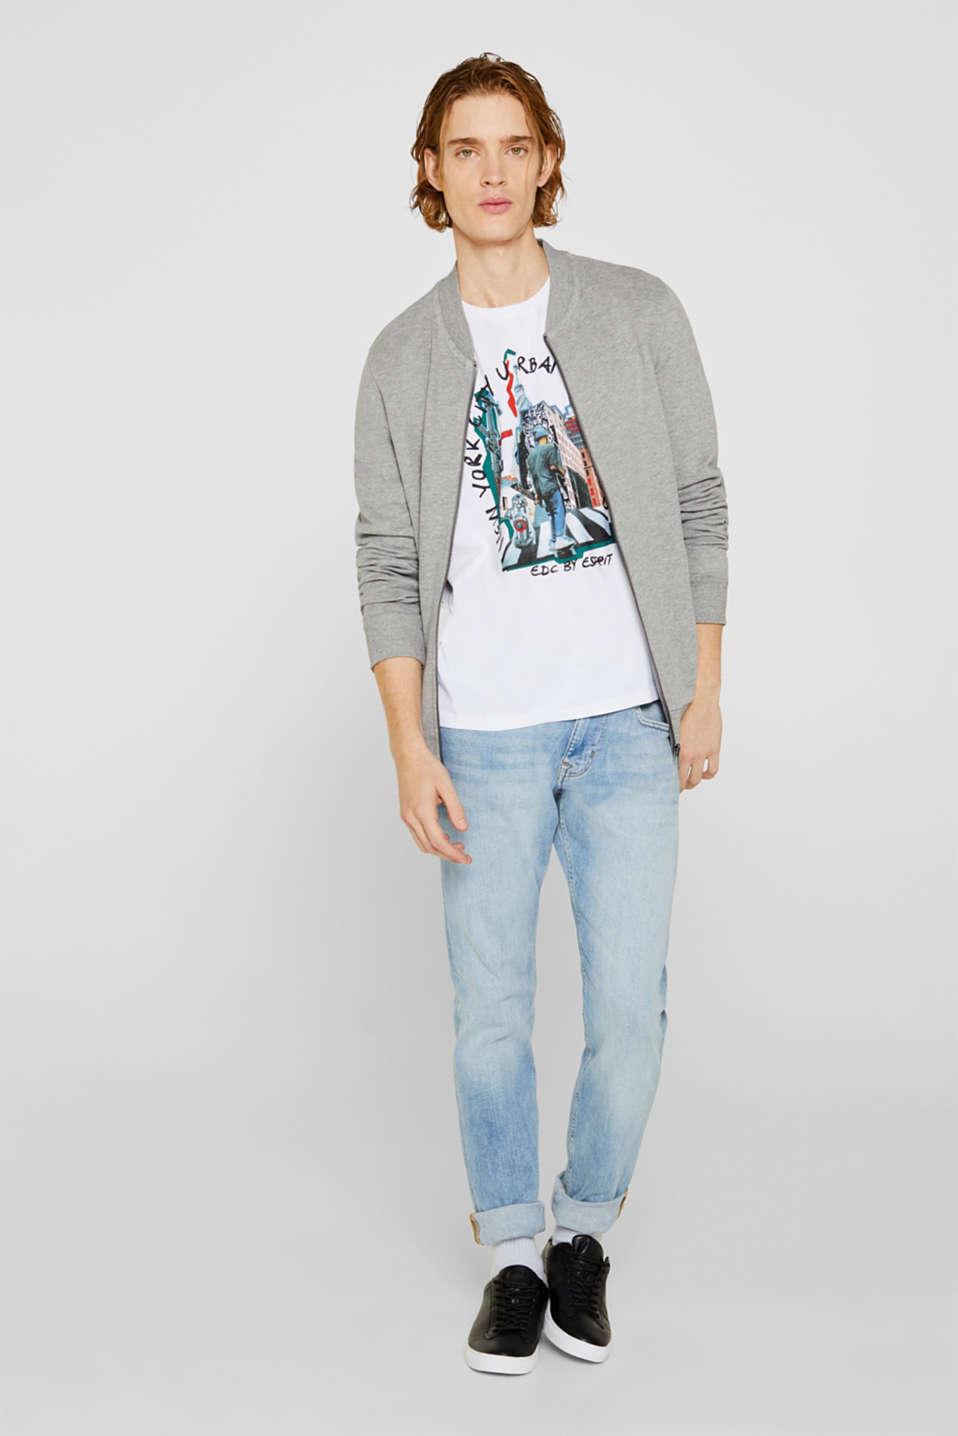 Cotton blend sweatshirt cardigan, MEDIUM GREY 5, detail image number 1